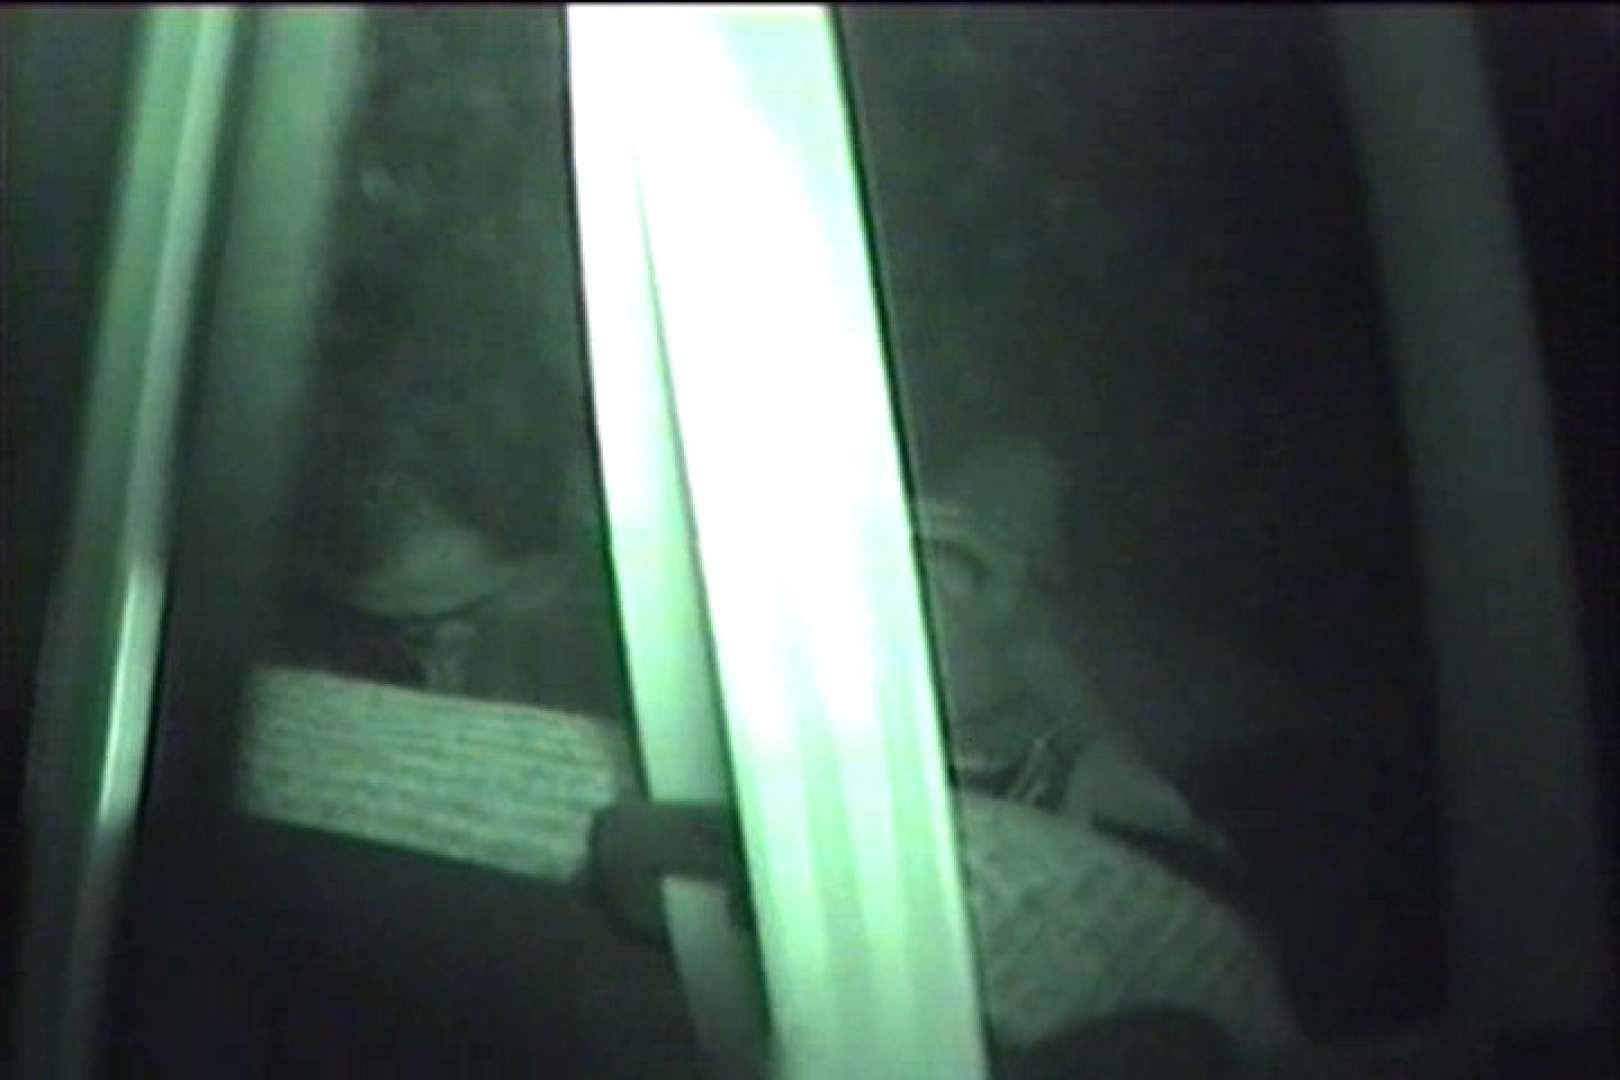 車の中はラブホテル 無修正版  Vol.16 車でエッチ オメコ動画キャプチャ 86PIX 71